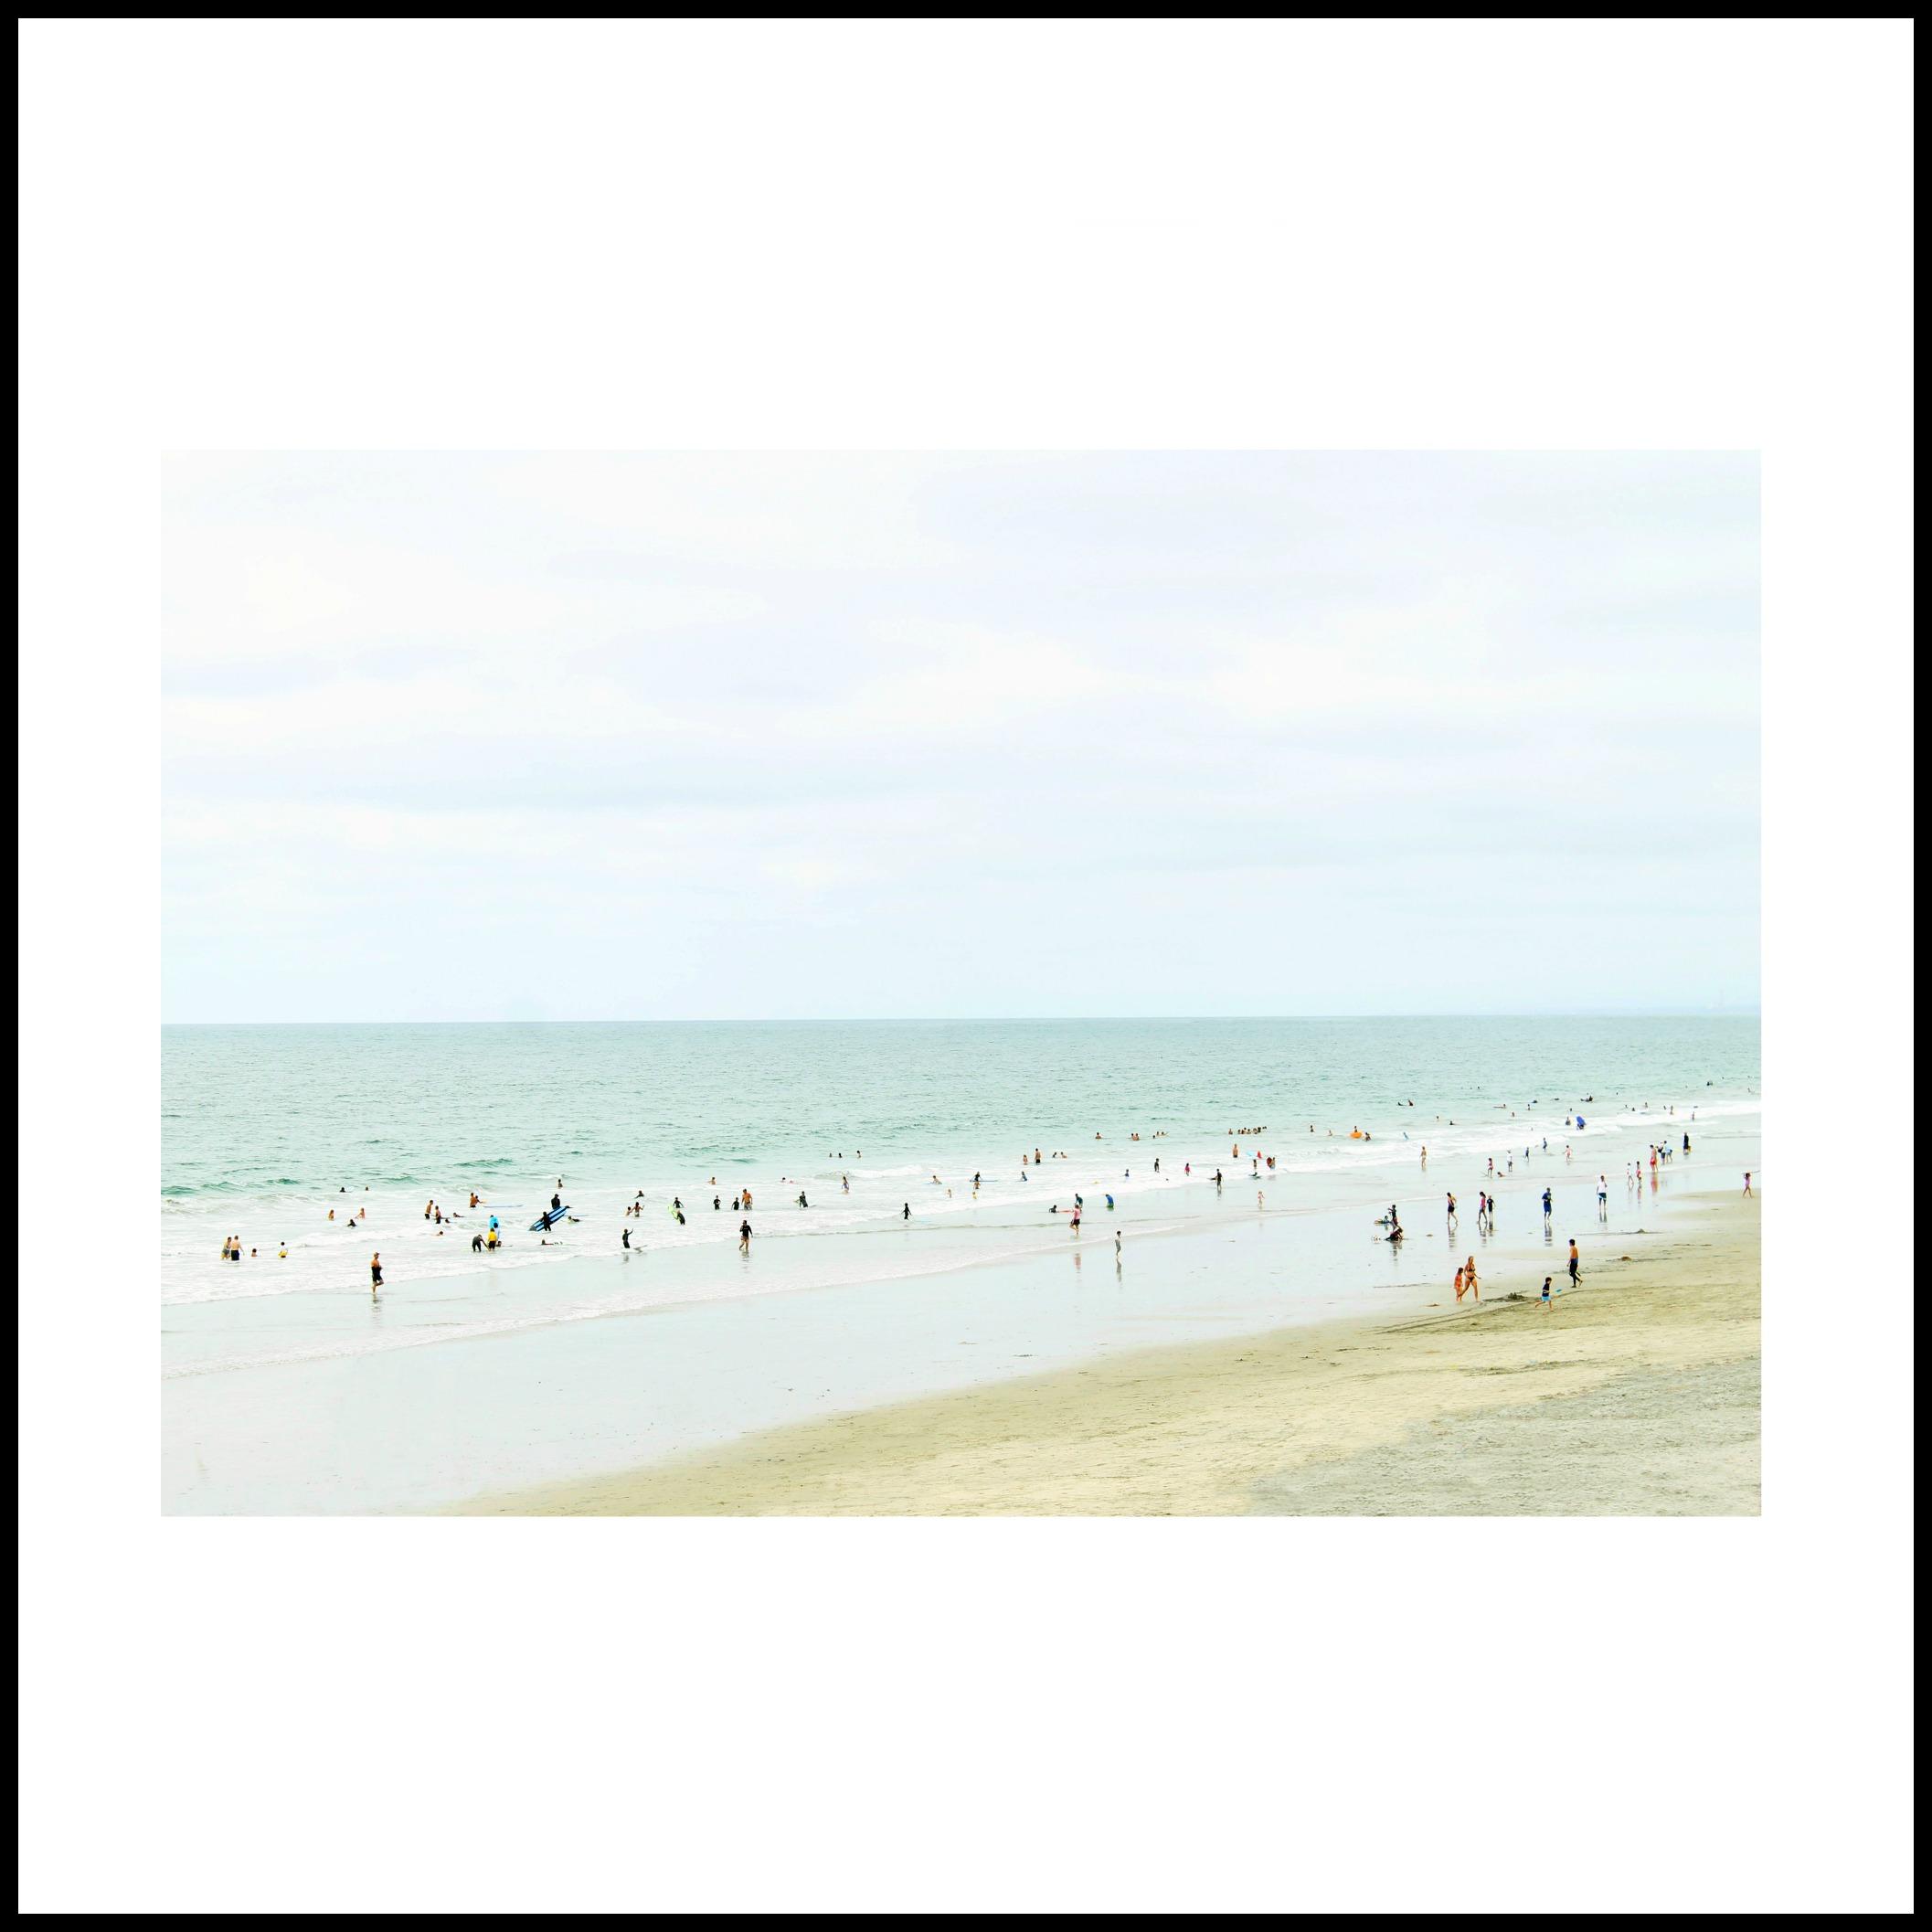 beachantsframe.jpg